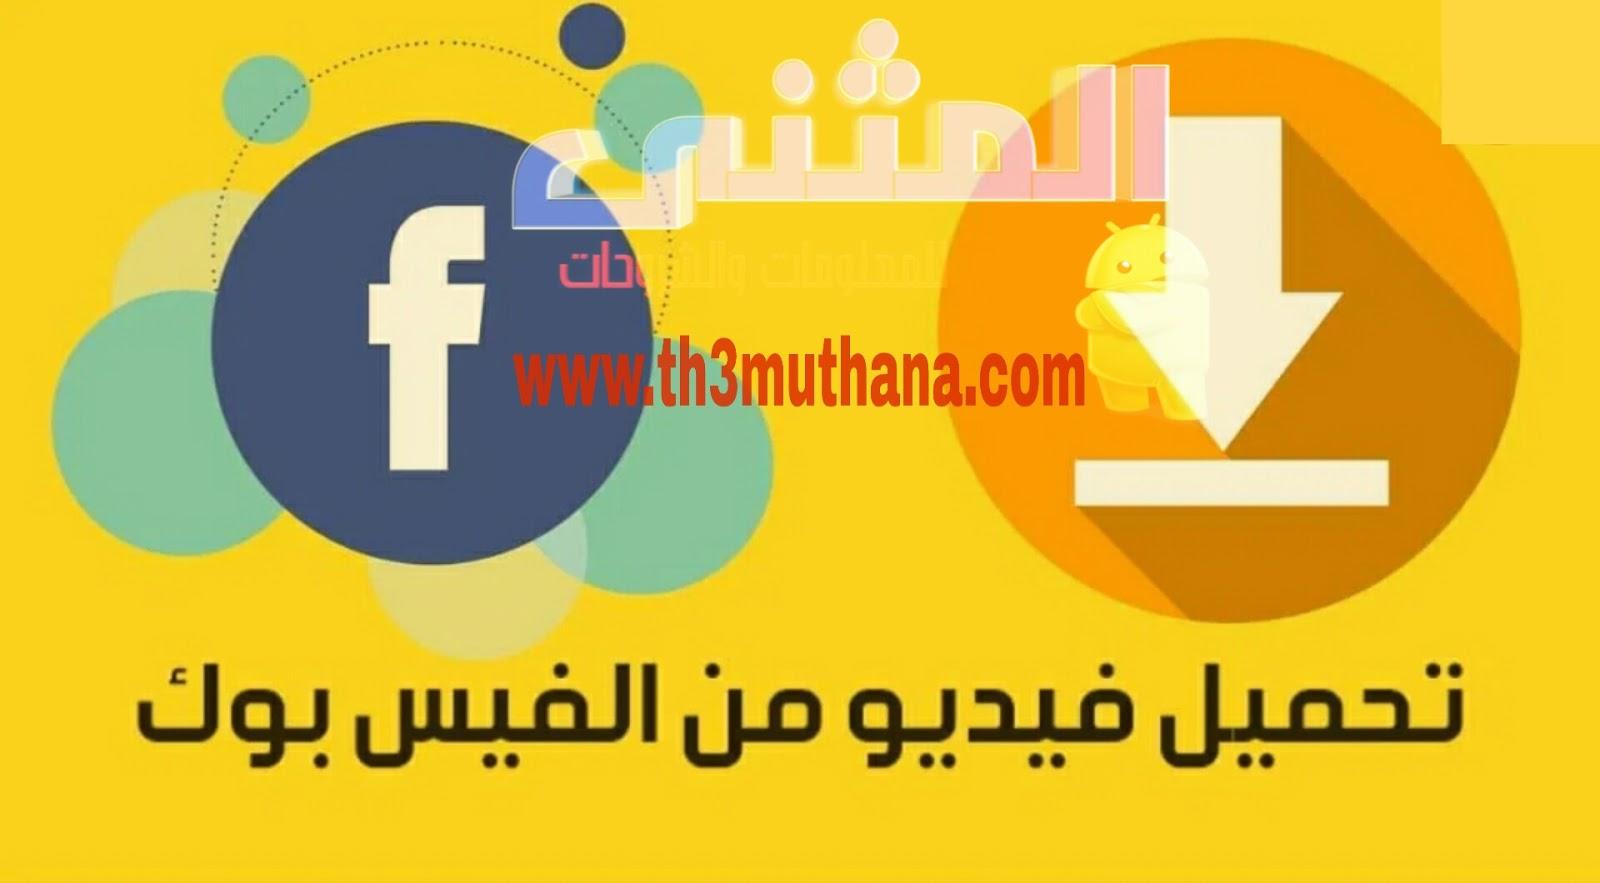 طريثة تحميل وحفظ فيديوهات الفيسبوك والقصص الخاصة Facebook